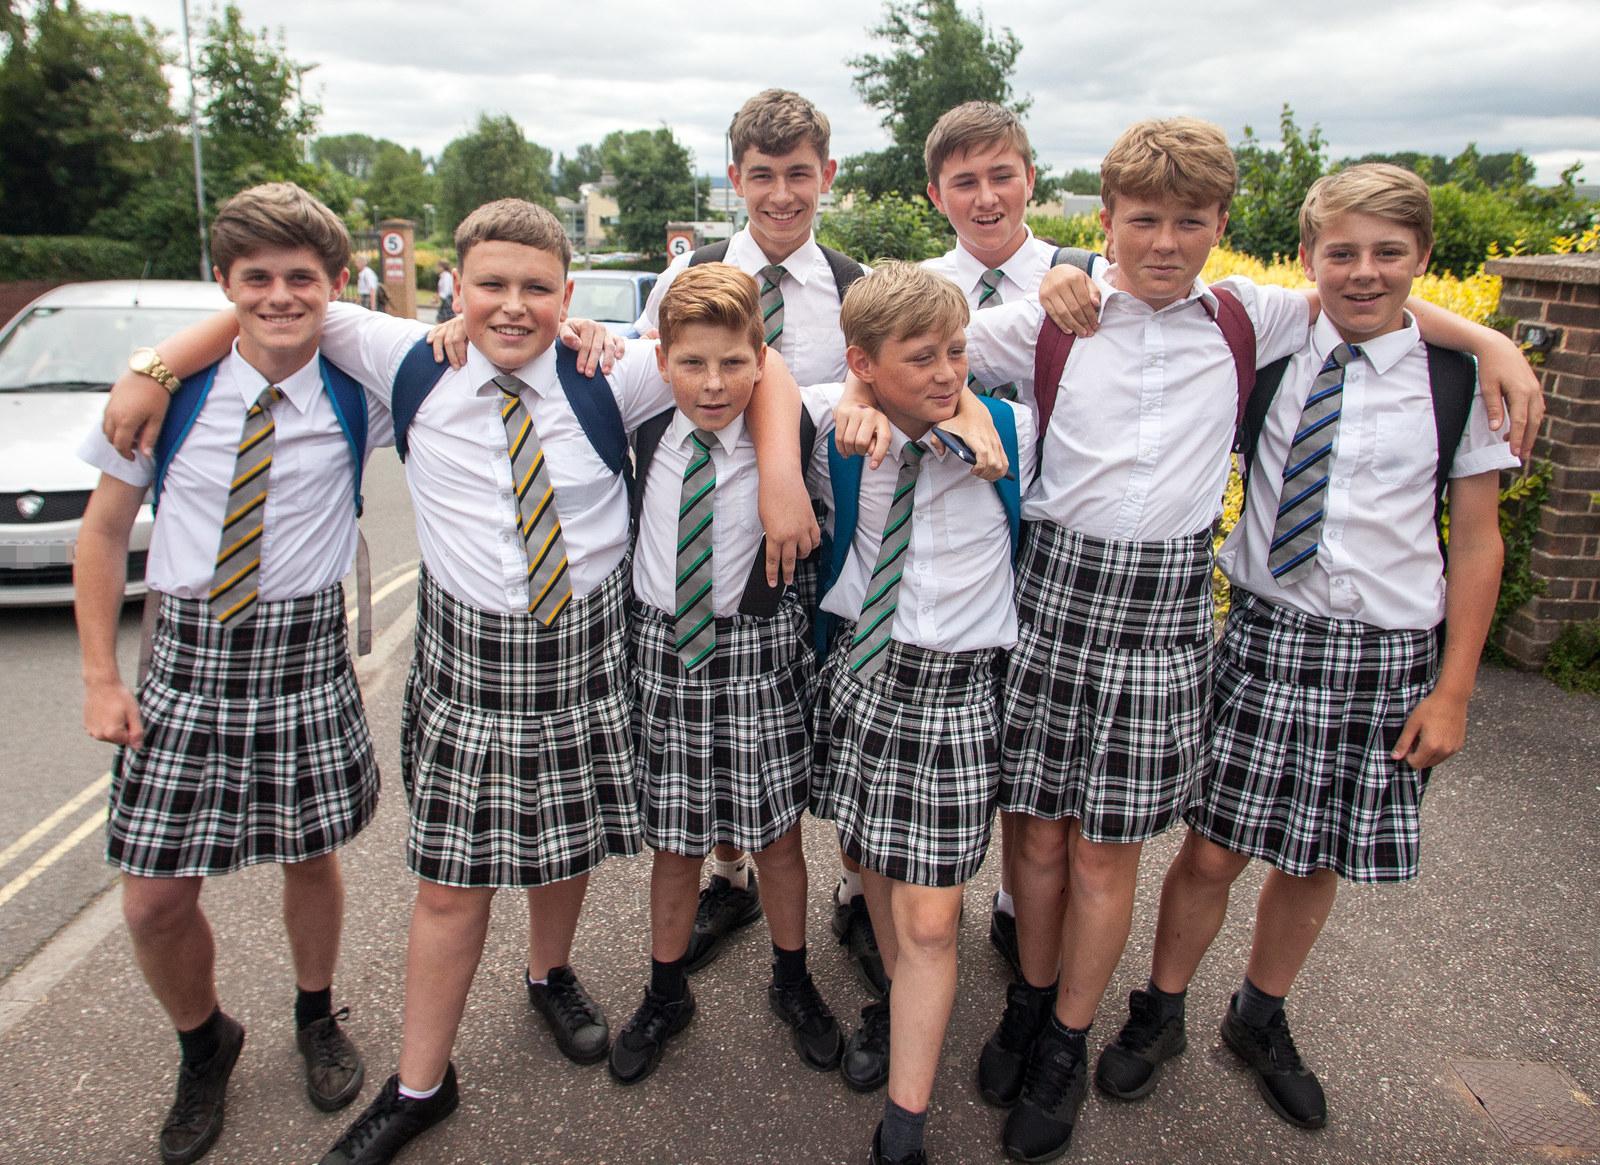 school uniforms dont stop school in